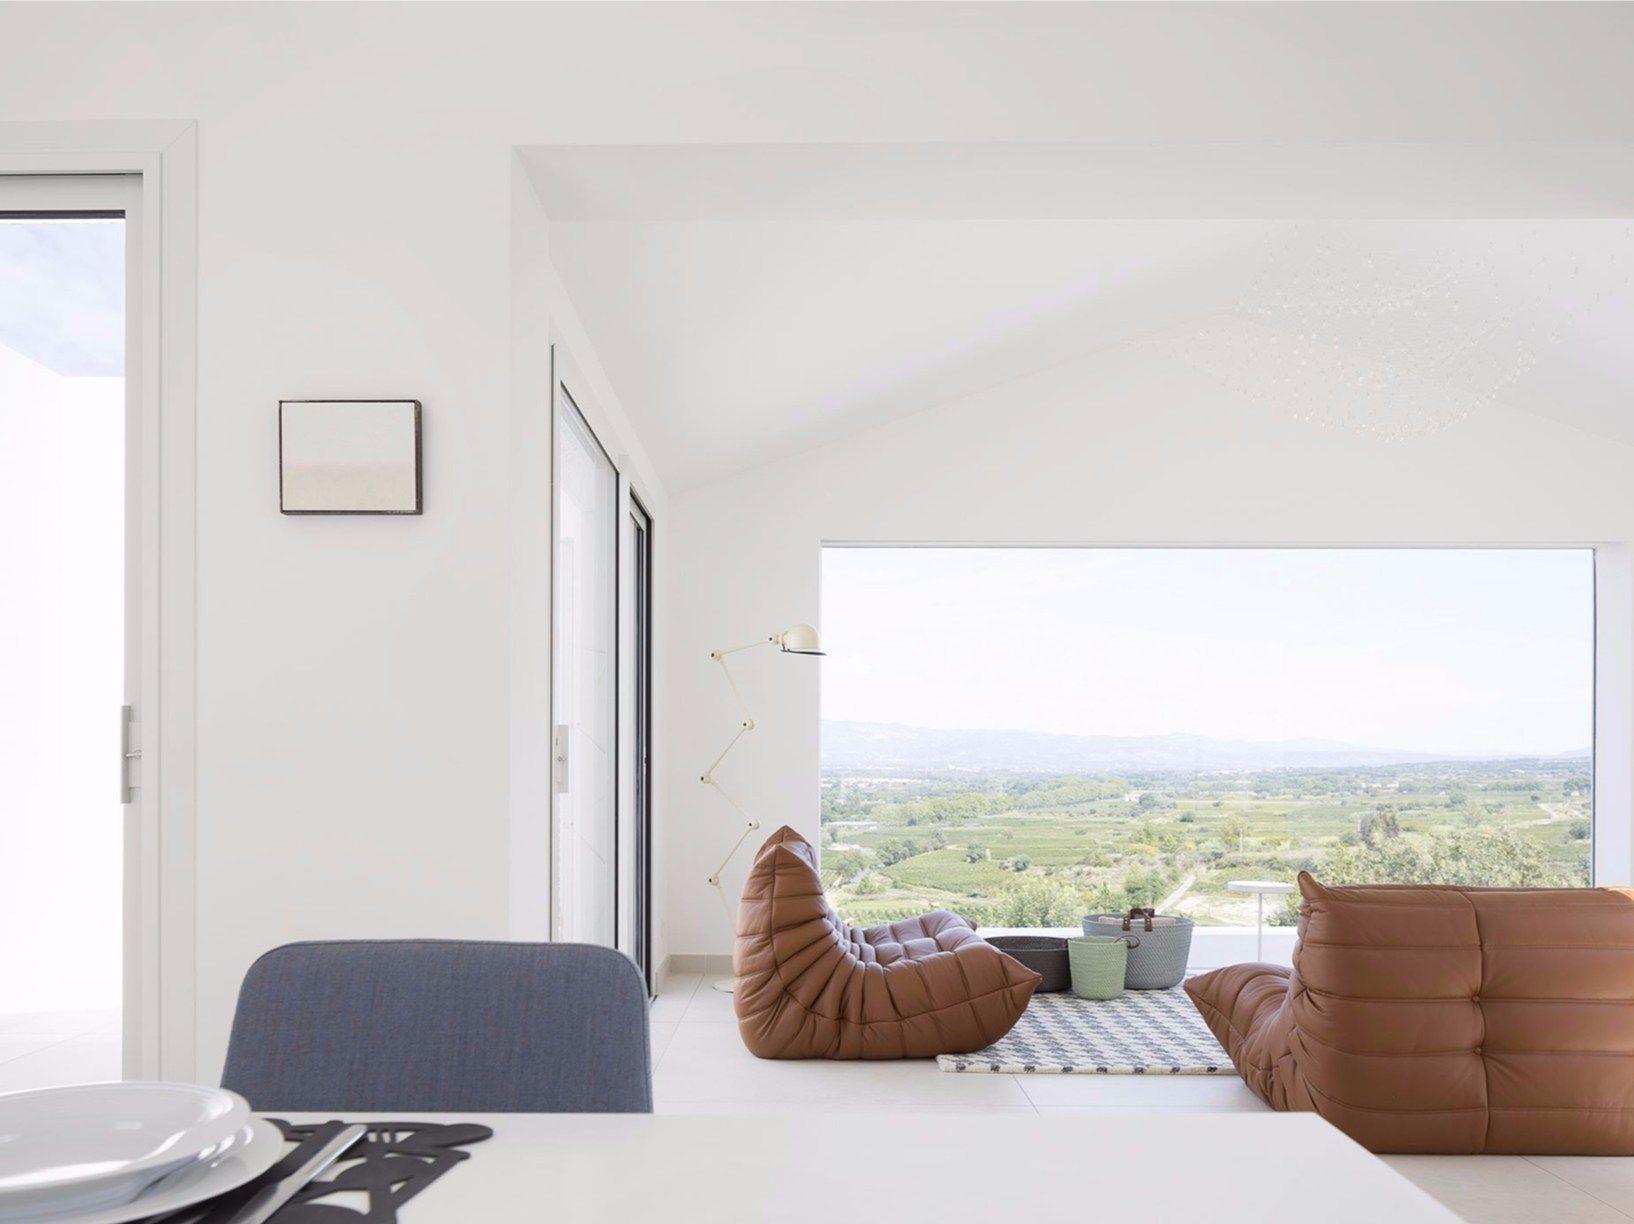 Artelabo progetta la casa introversa in Francia